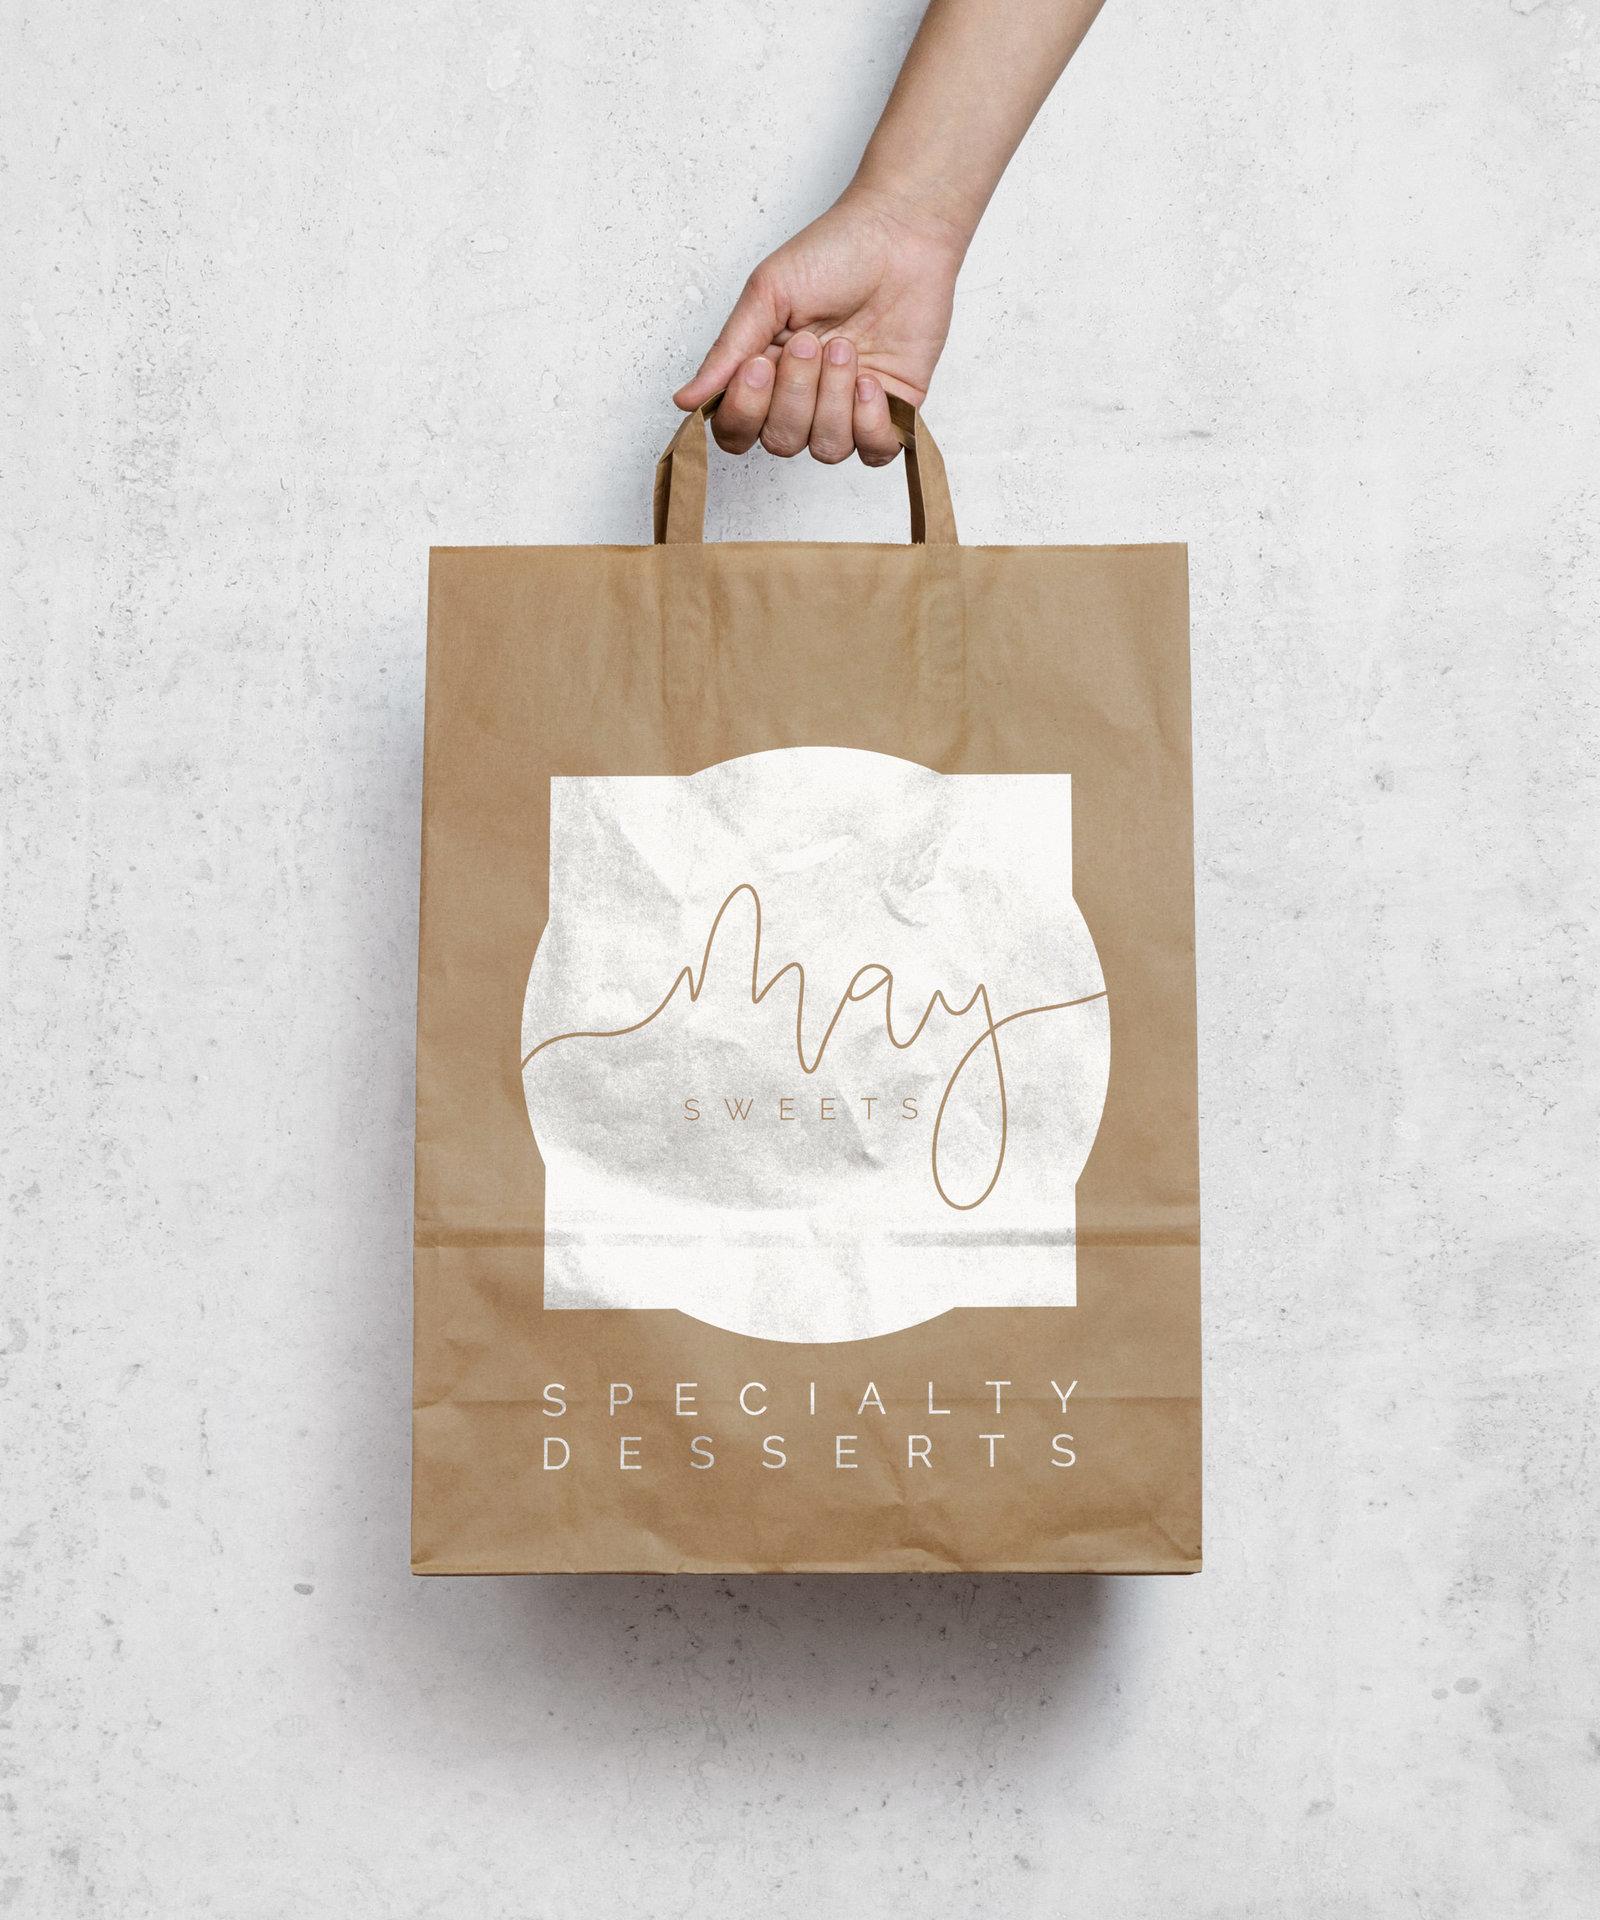 may sweets bag